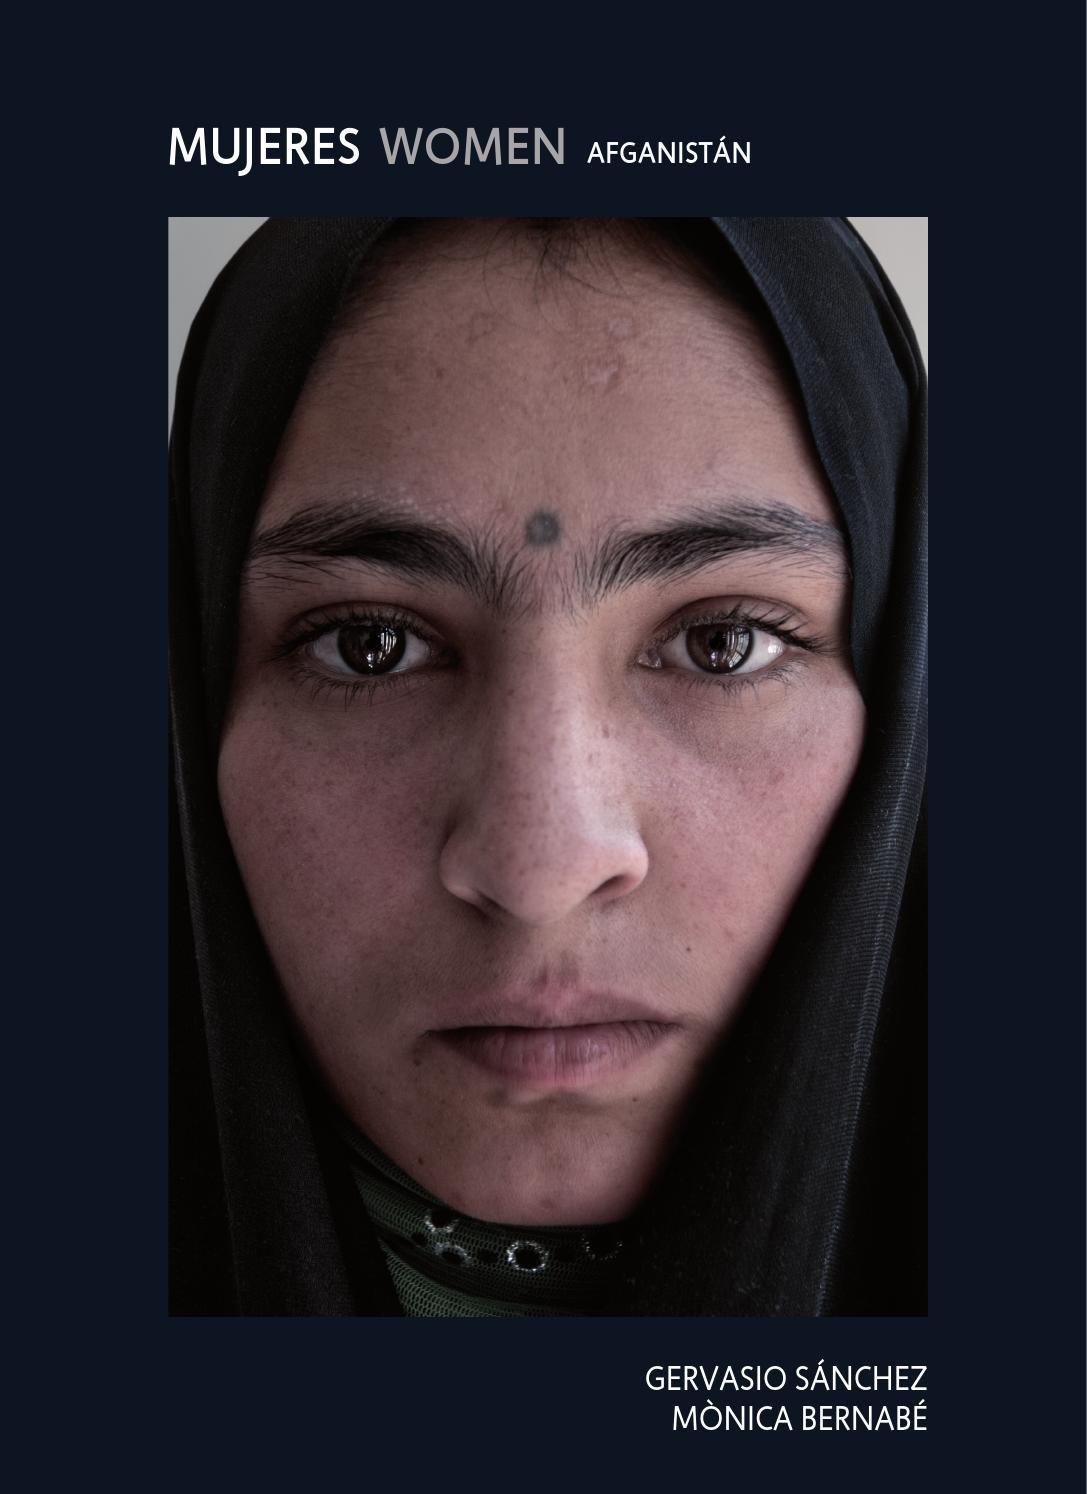 Mujeres Women Afganistán | Gervasio Sánchez | Pinterest